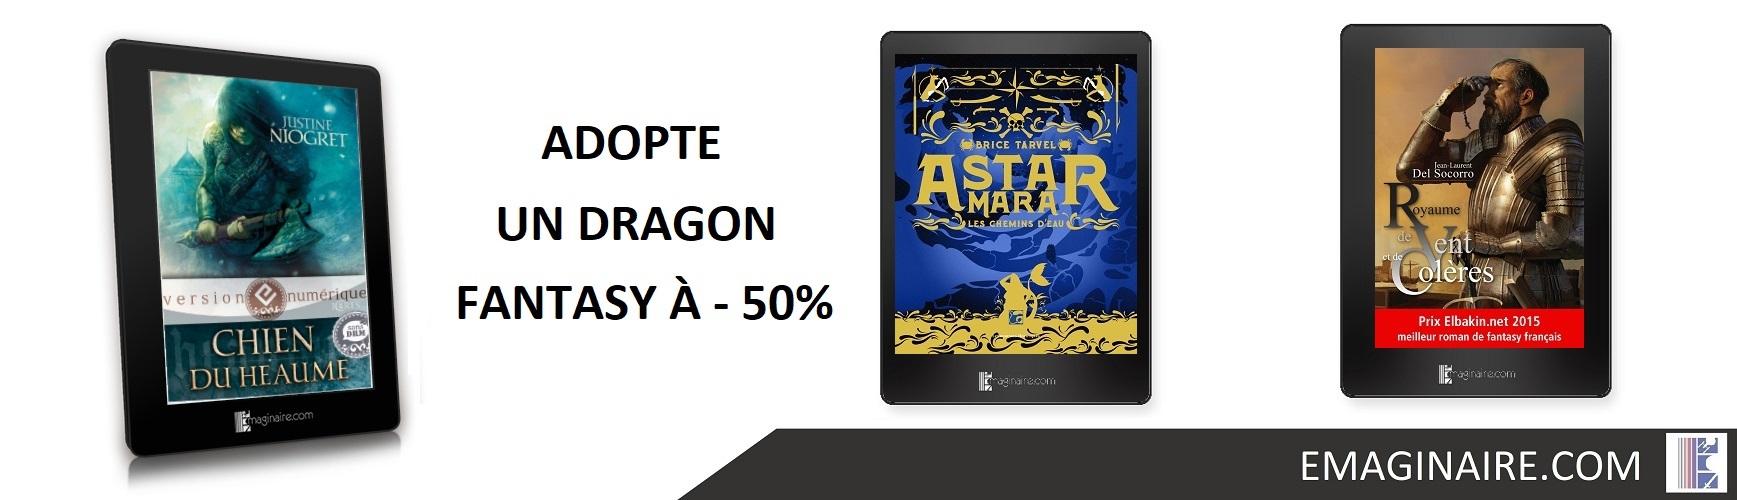 adopte dragon 01